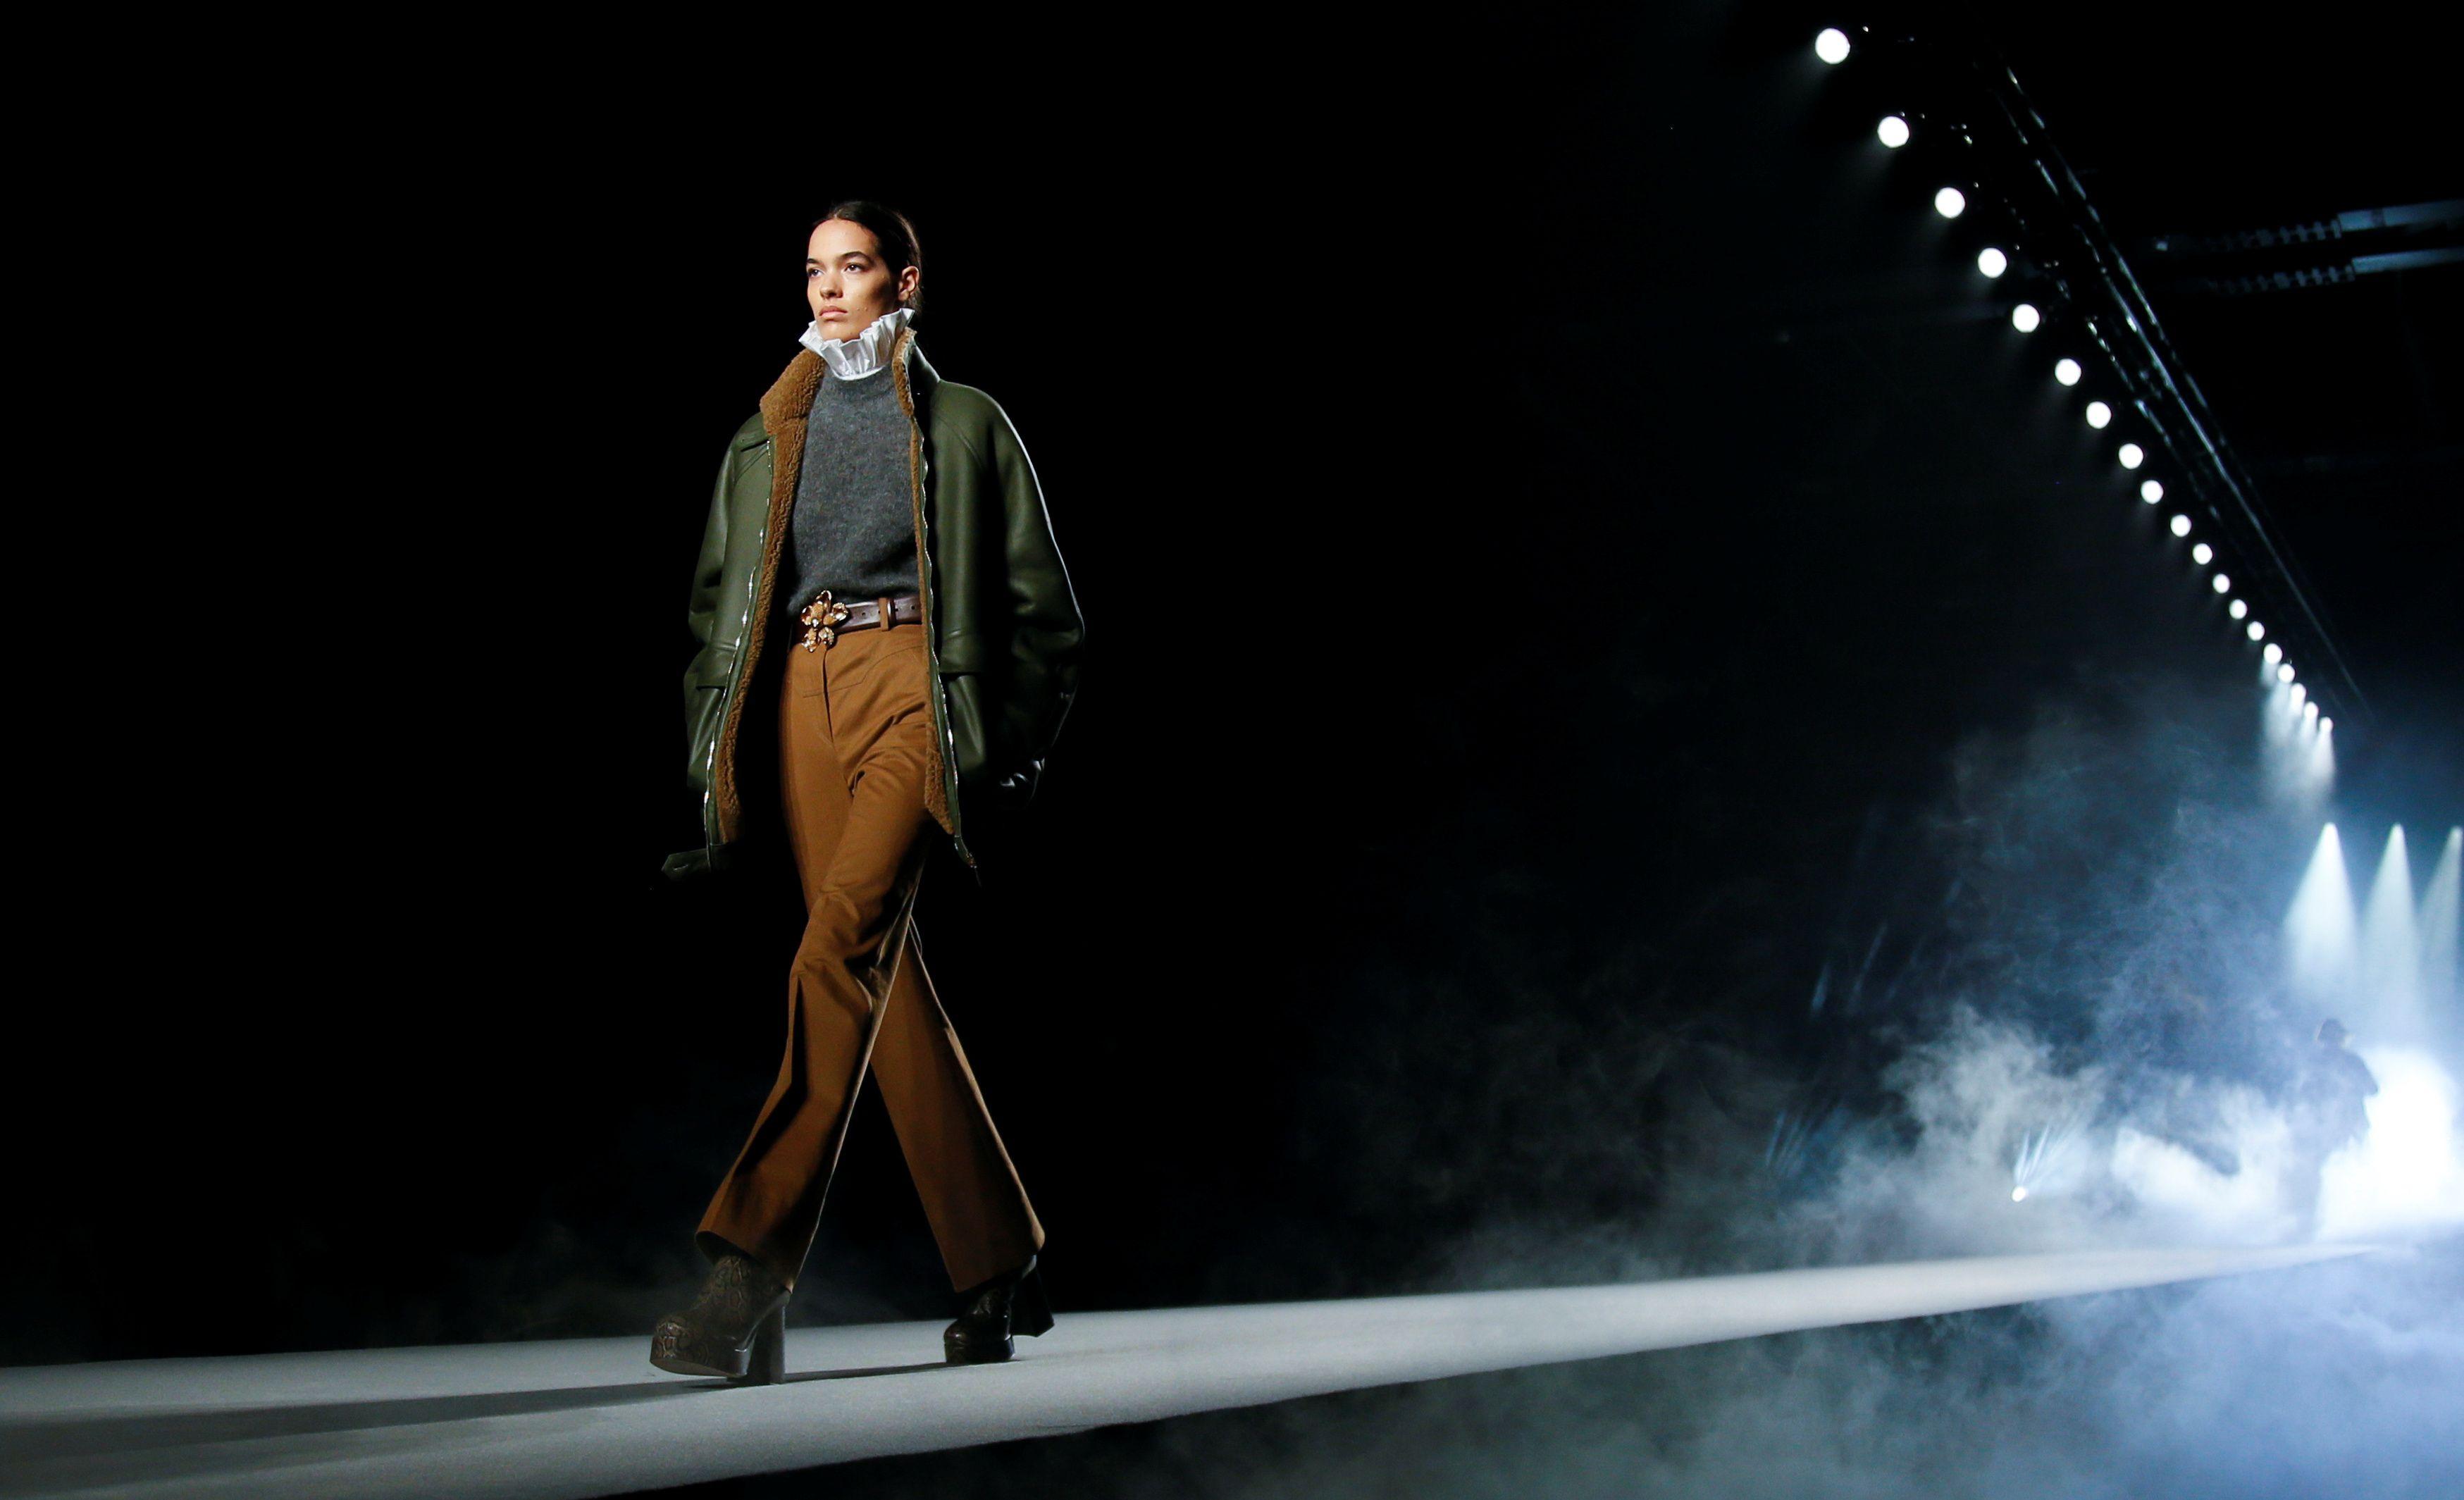 Con una propuesta repleta de feminidad, minimalismo y elegancia, diseños sofisticados y conjuntos de dos piezas, fueron protagonistas de la pasarela de invierno 2021-2022 de Ferretti. El cuero y prendas de lentejuelas, los principales hits